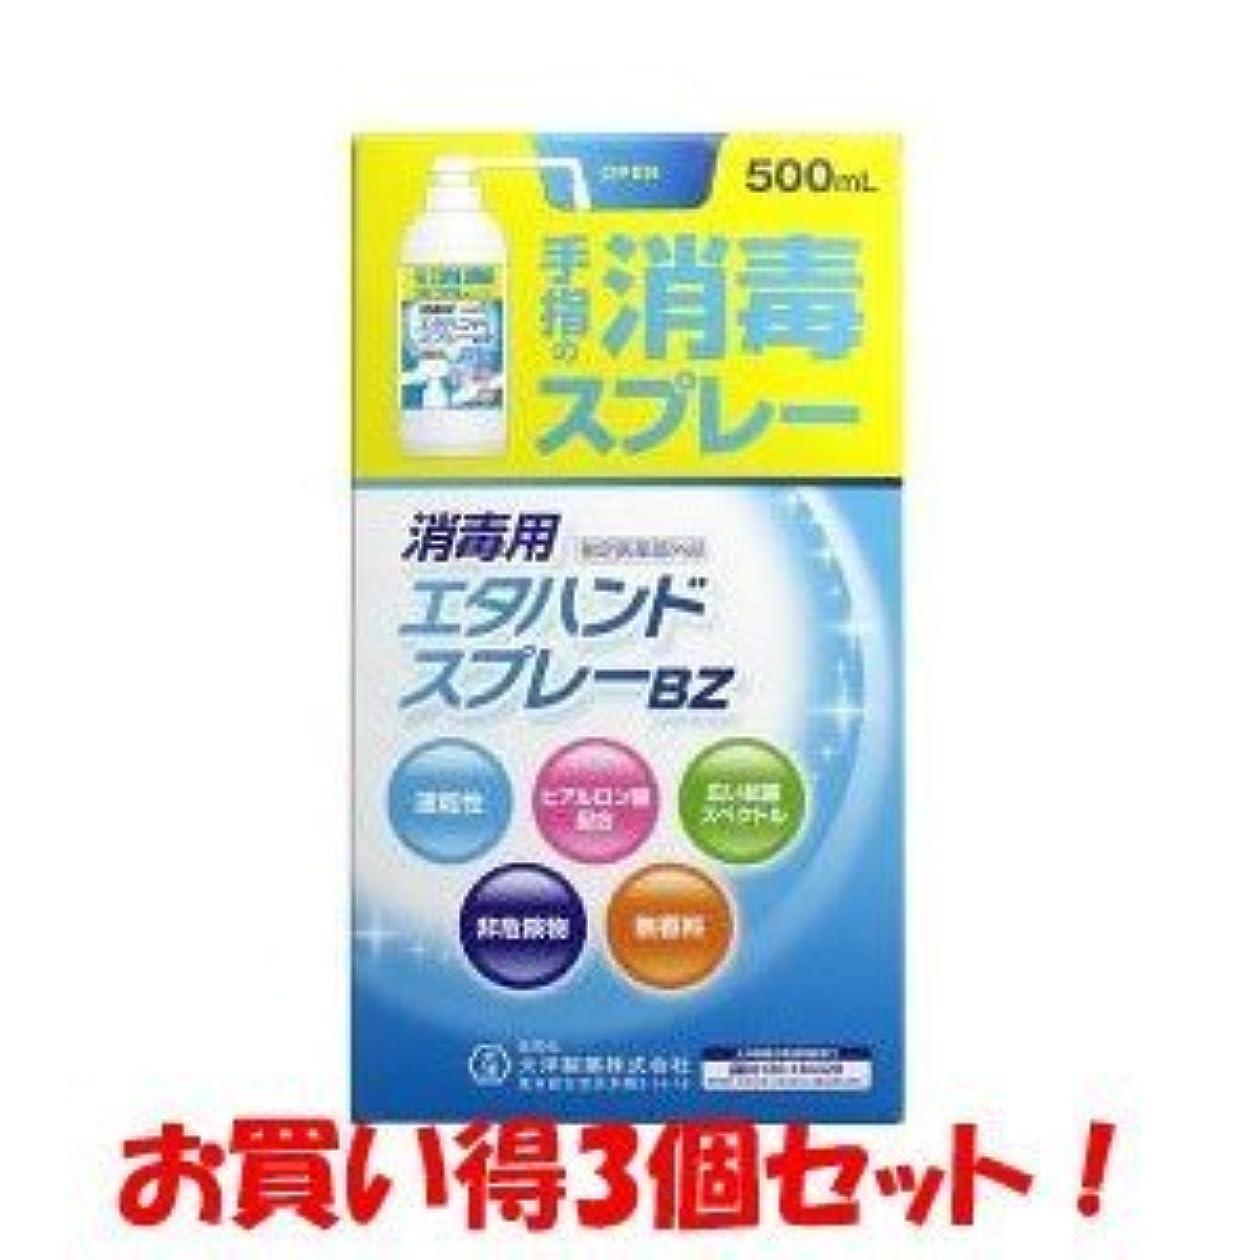 落ち着かないガラス原子炉(大洋製薬)大洋製薬 消毒用エタハンドスプレーBZ 500ml(医薬部外品)(お買い得3個セット)